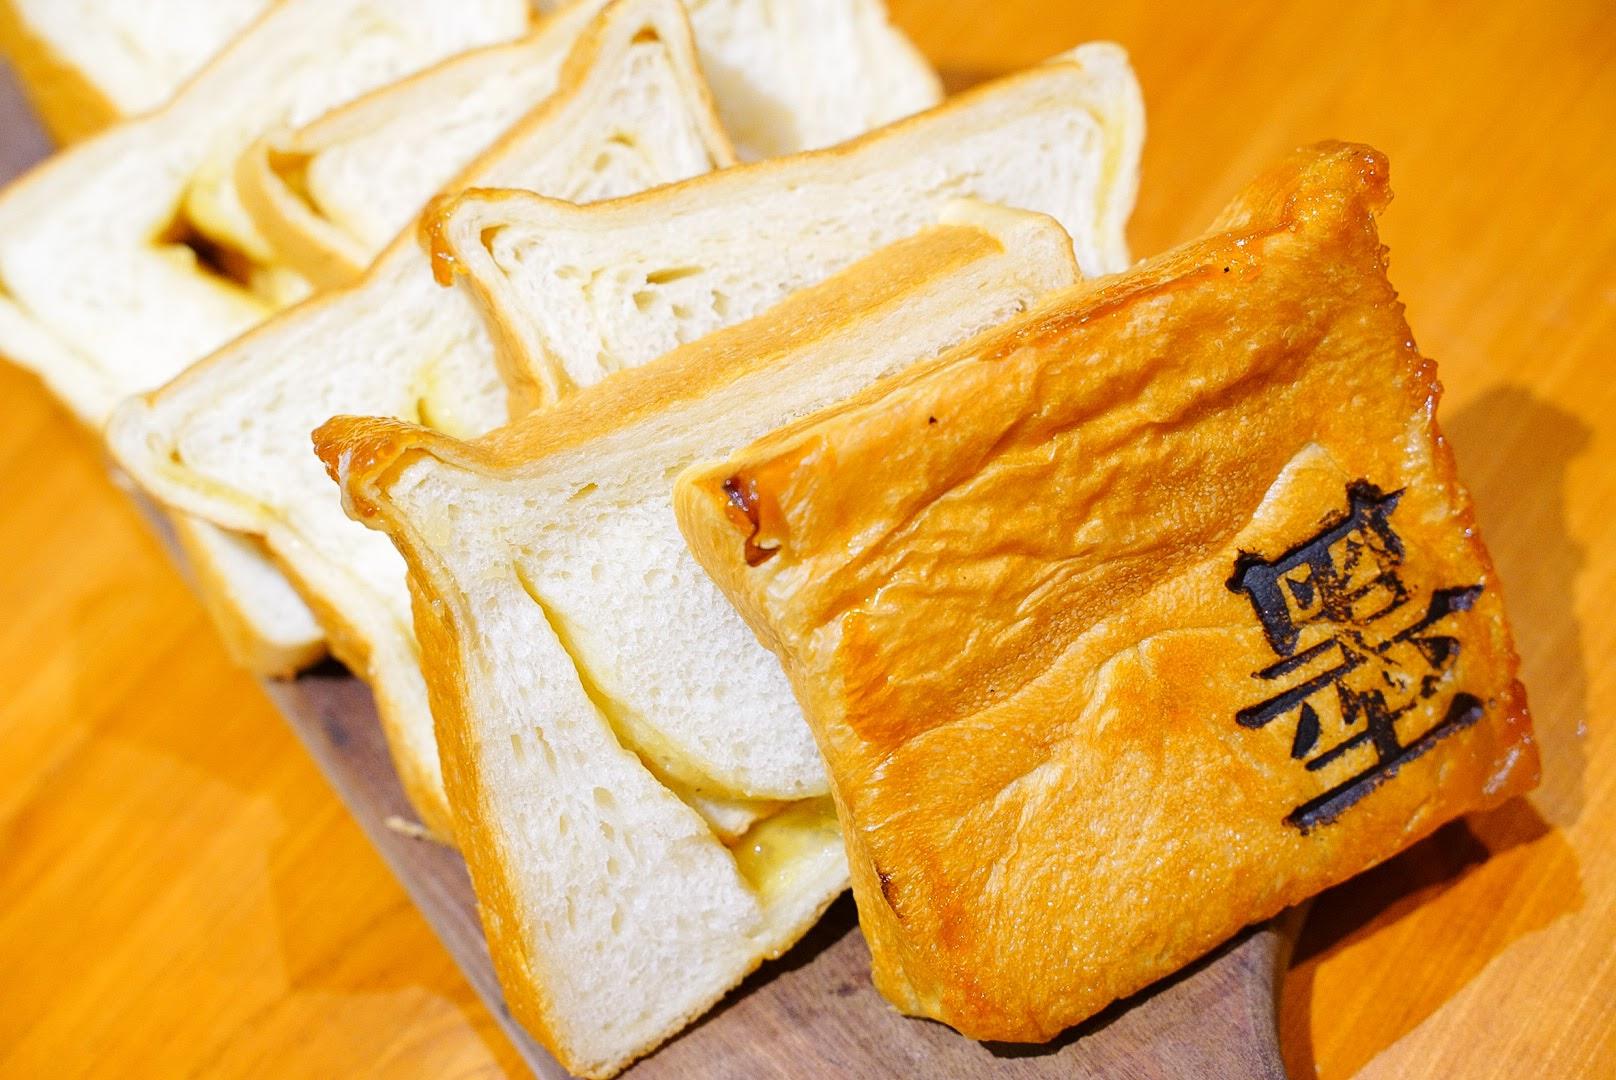 【美食】墨。山崴 MORE ‧ shan wei 嫁妝吐司  全台最獨特的有餡蜂蜜吐司 滿足你最挑惕的味蕾